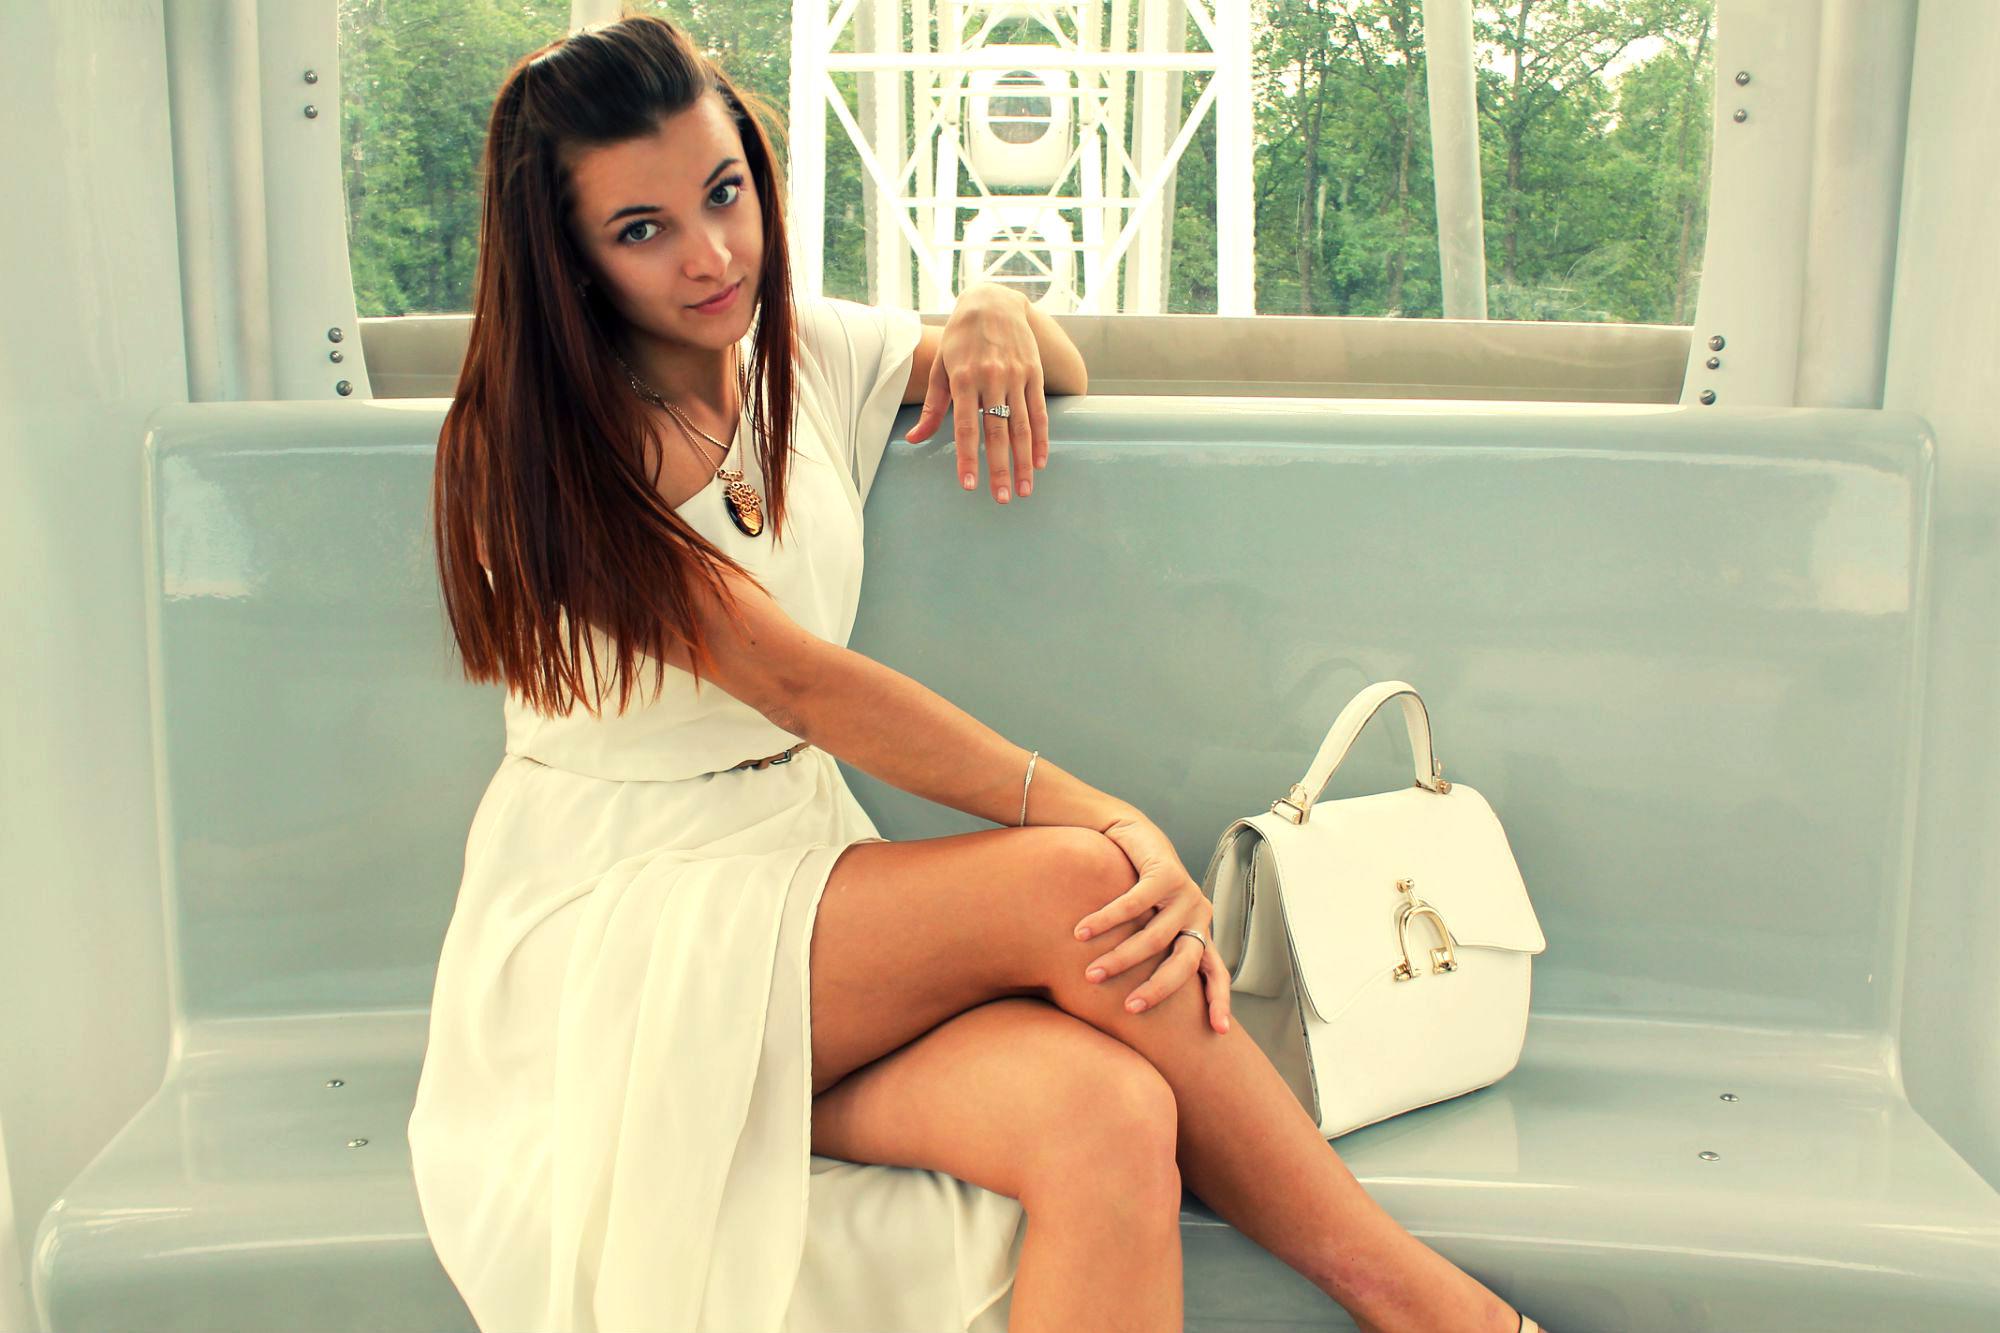 Девушка в бежевом платье на диване с сумочкой